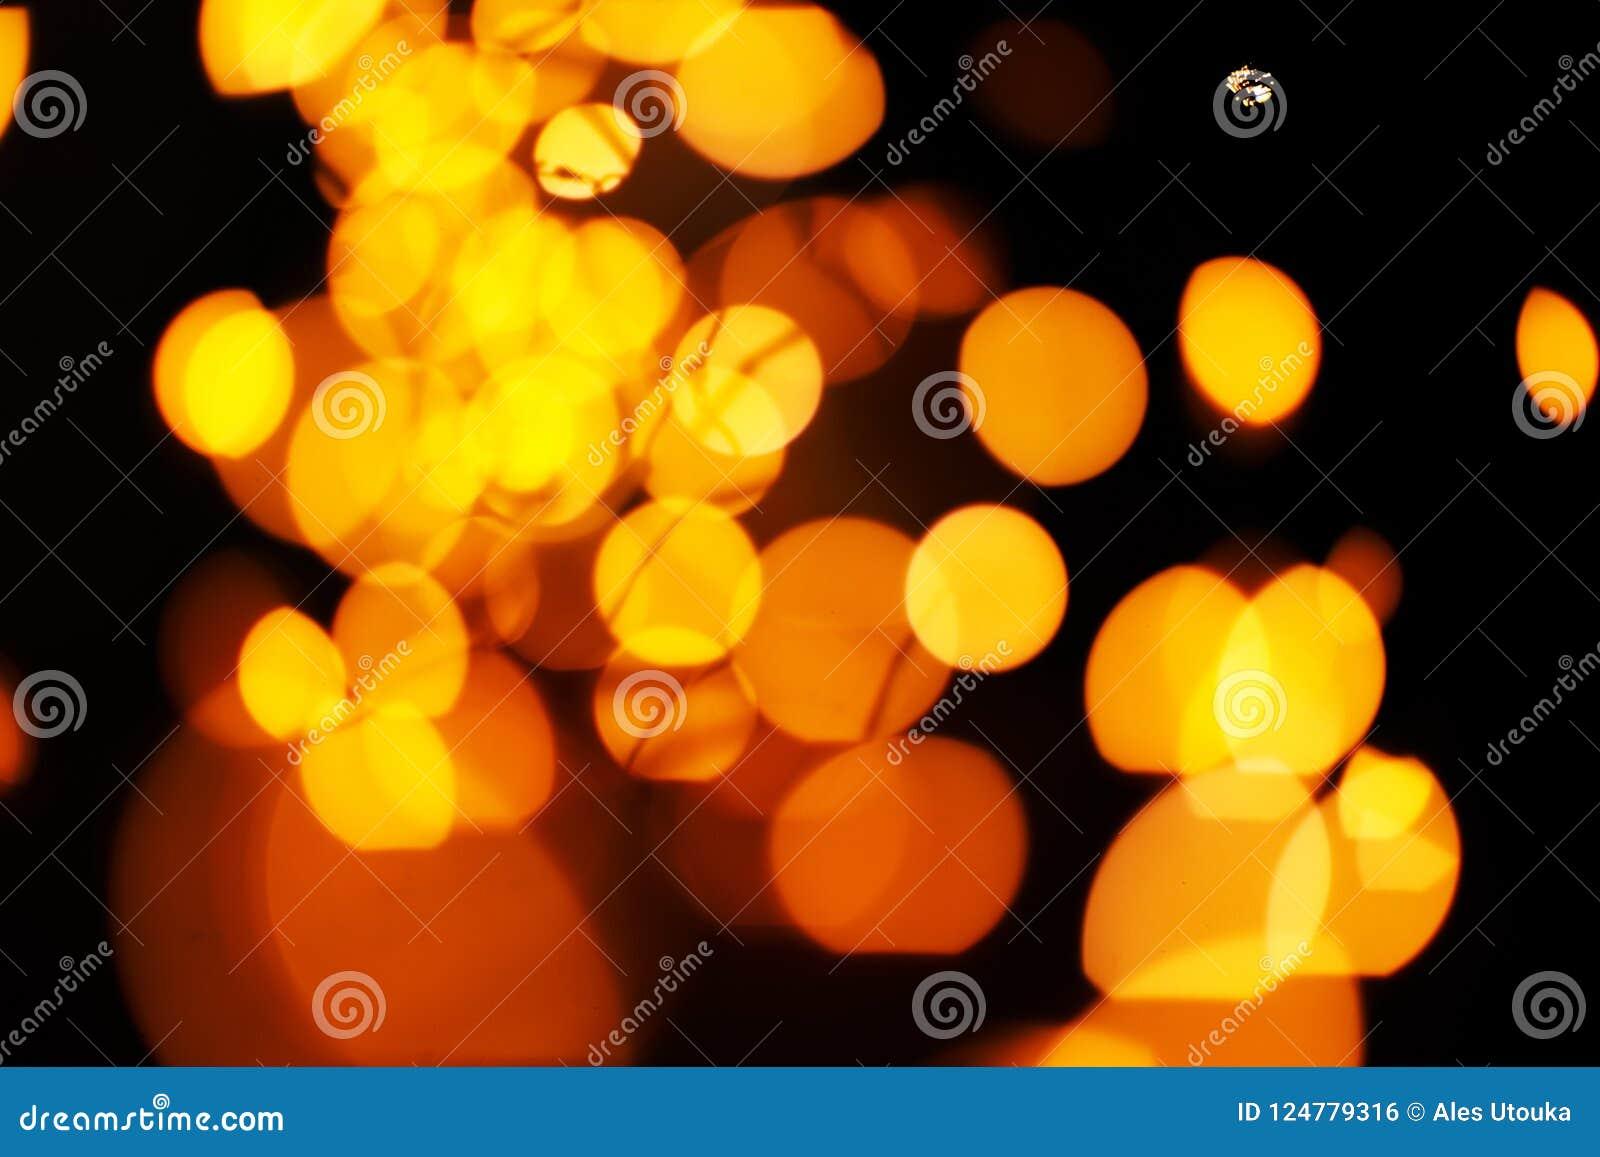 golden lights background christmas lights concept